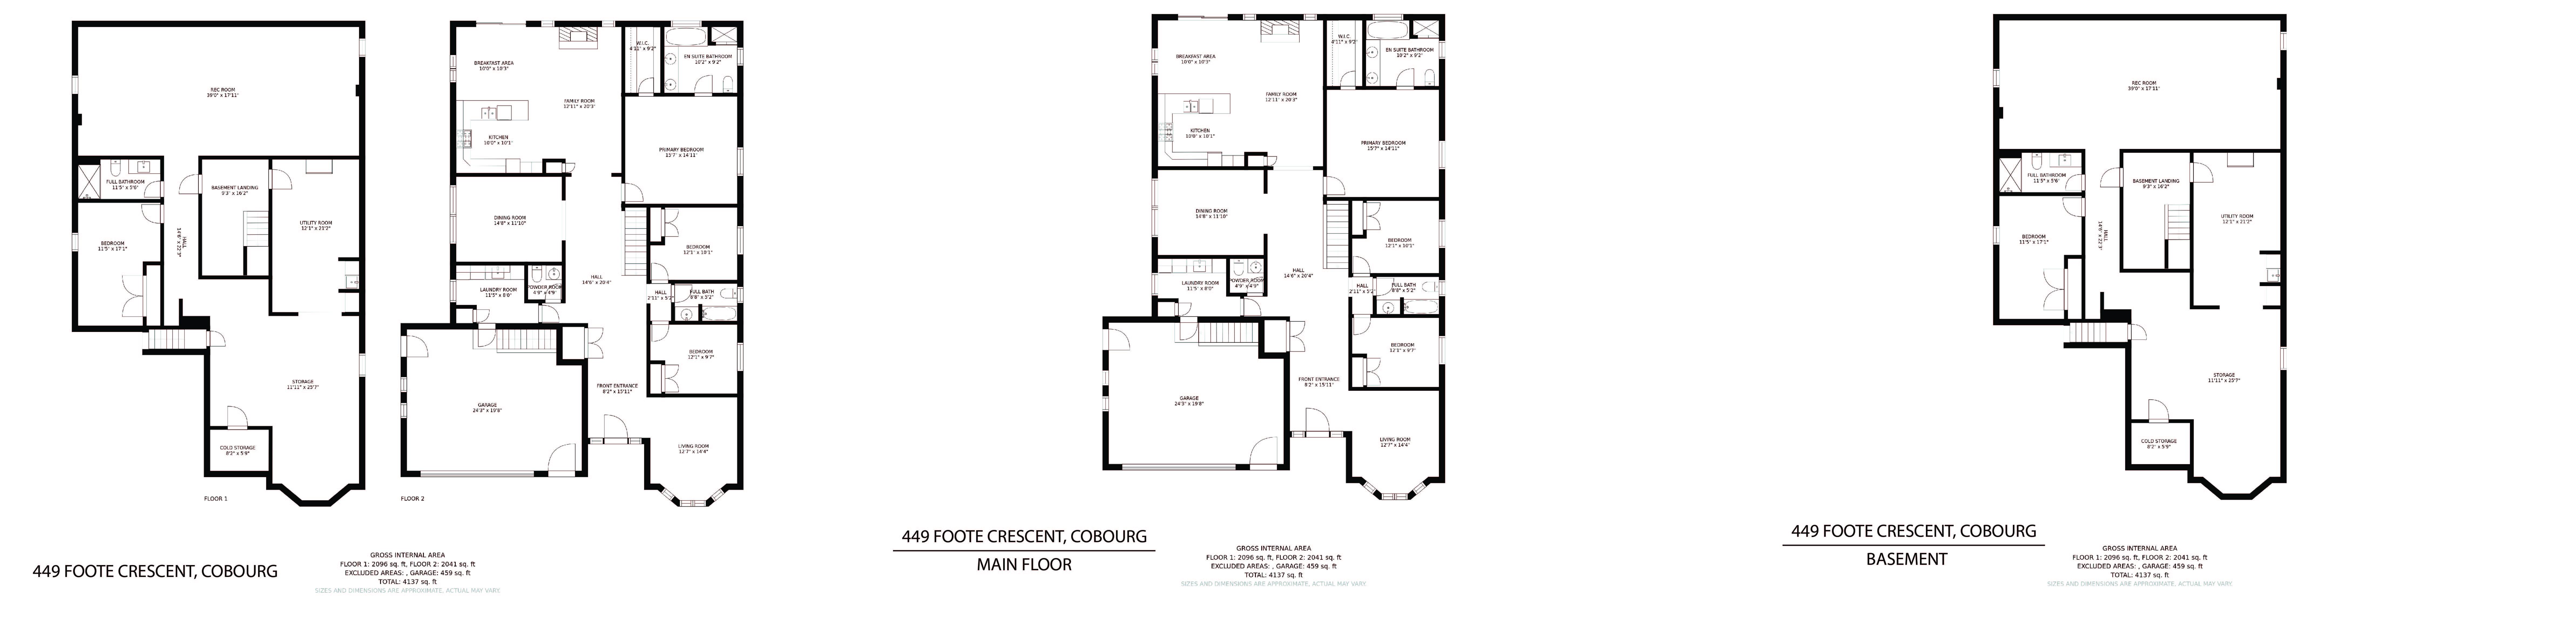 449 Foote Cres floorplan